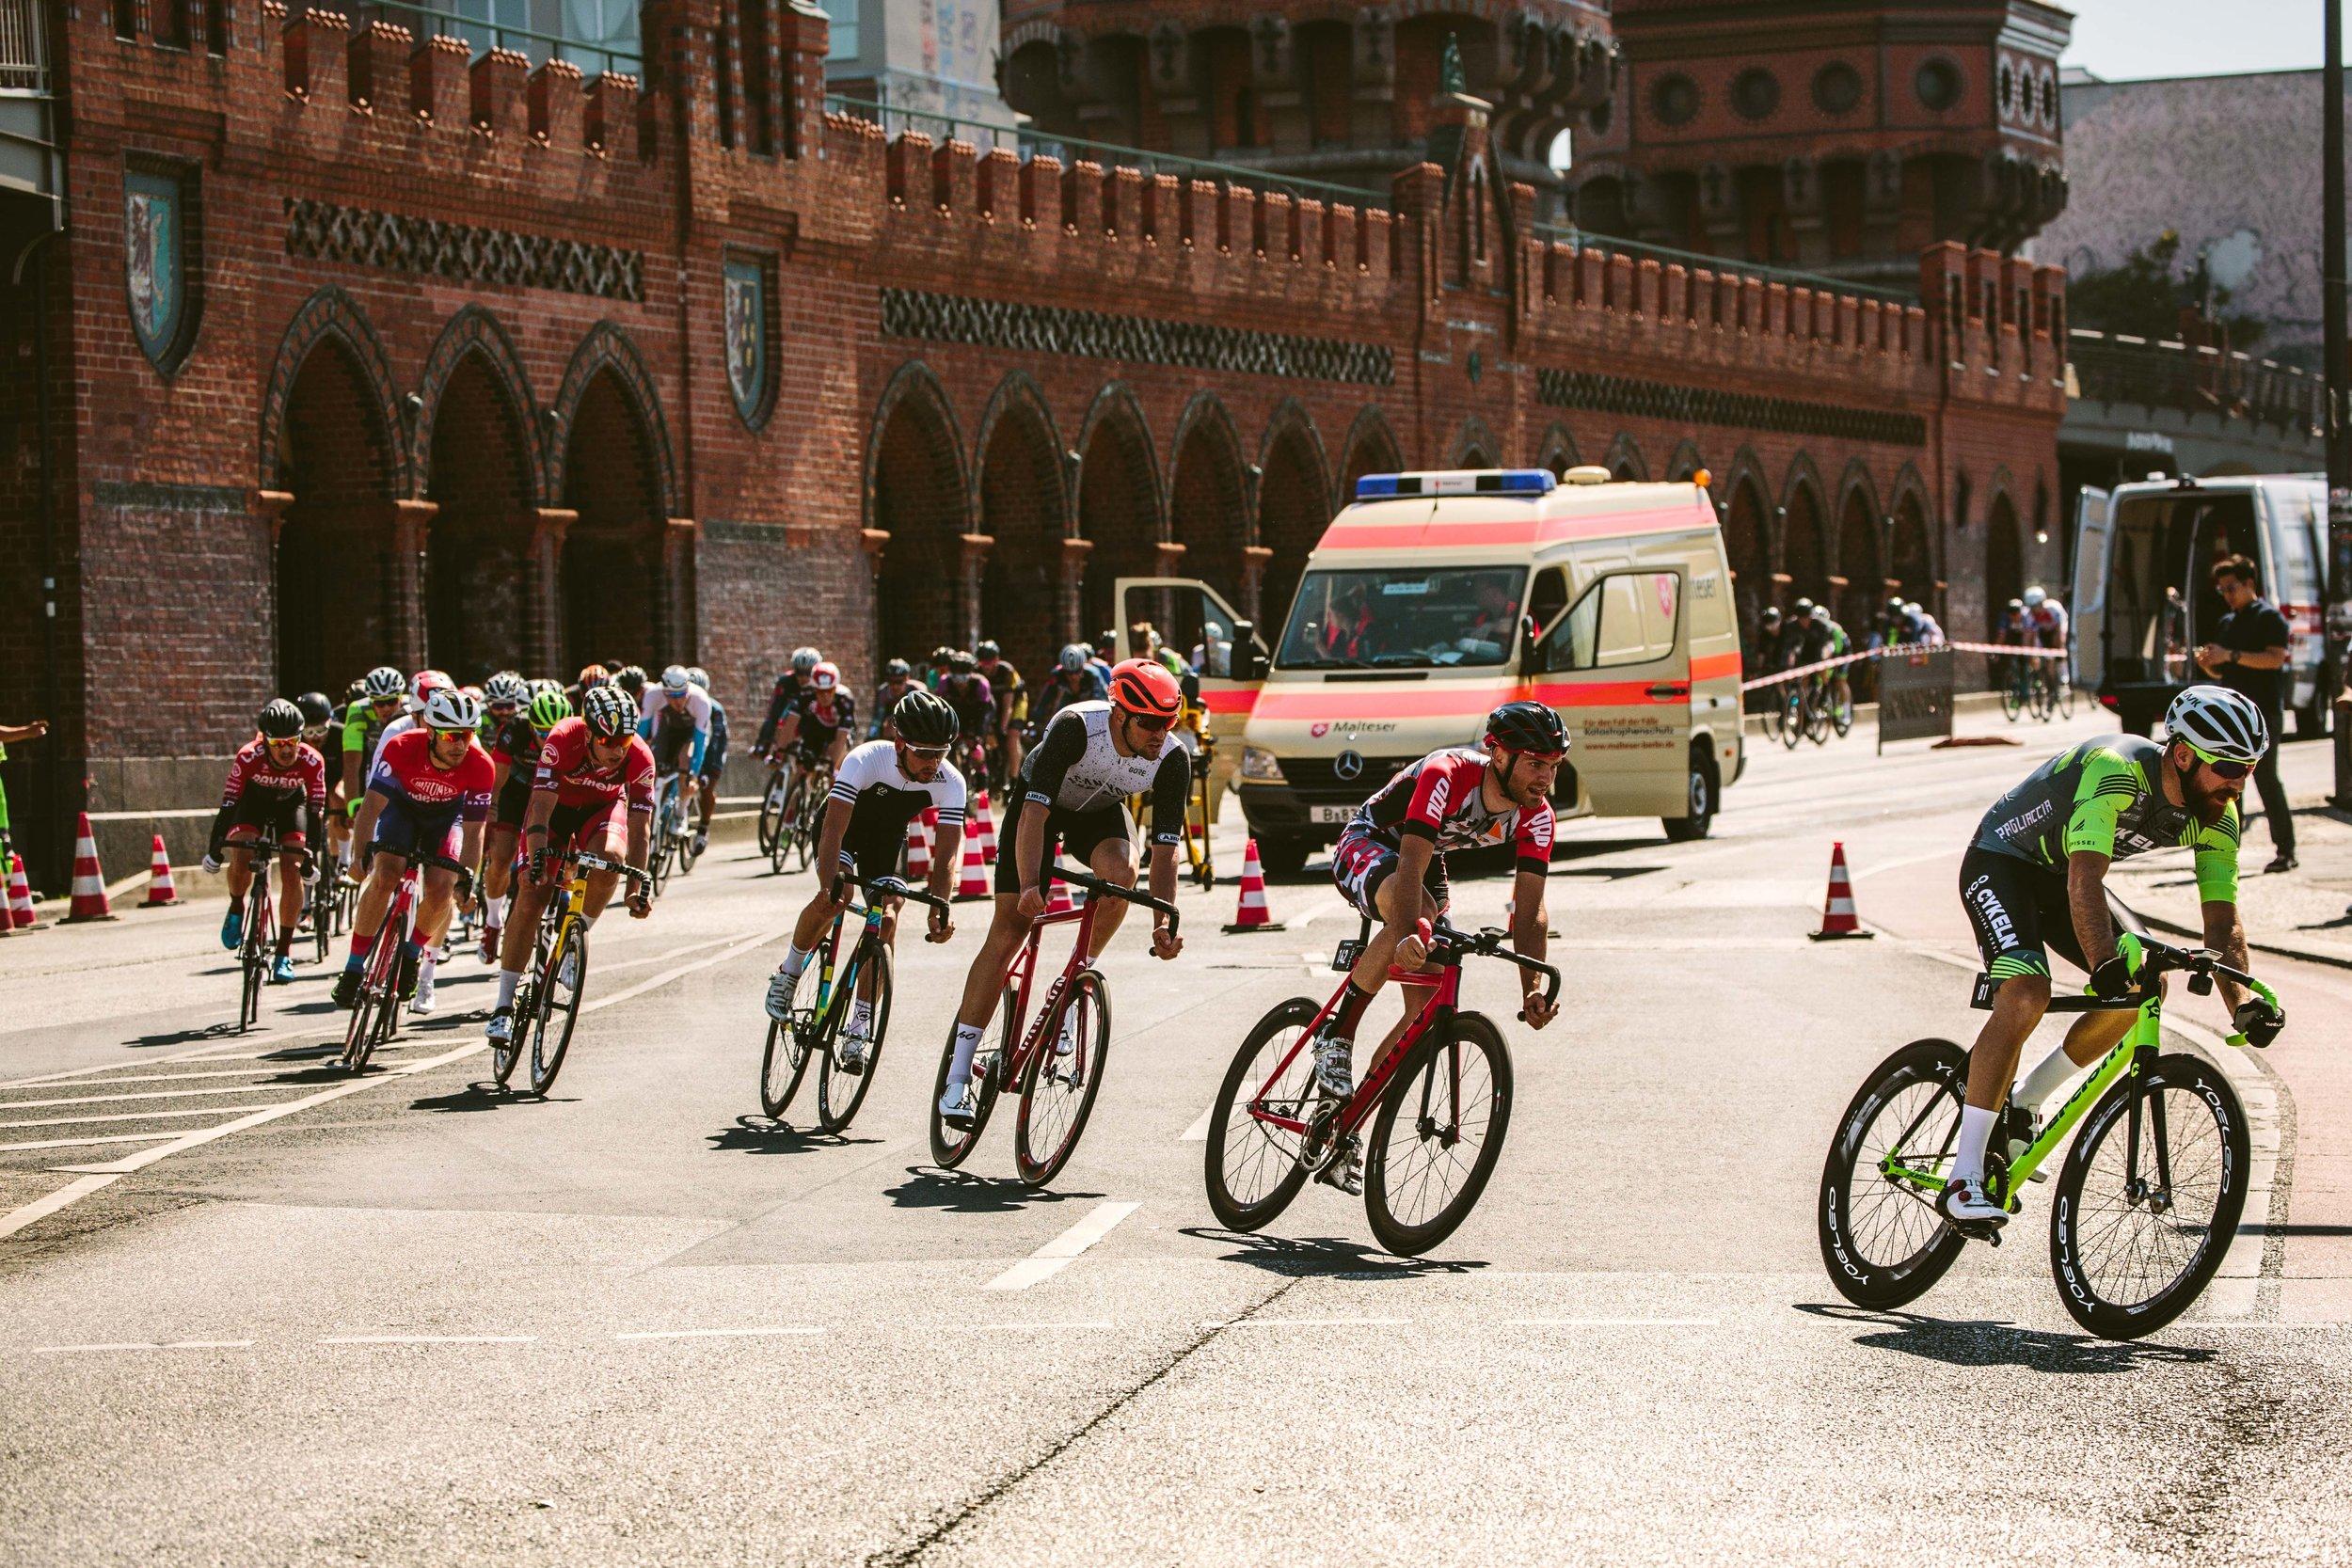 RadRace_Fixed42_Raceday_BengtStiller-1332.jpg